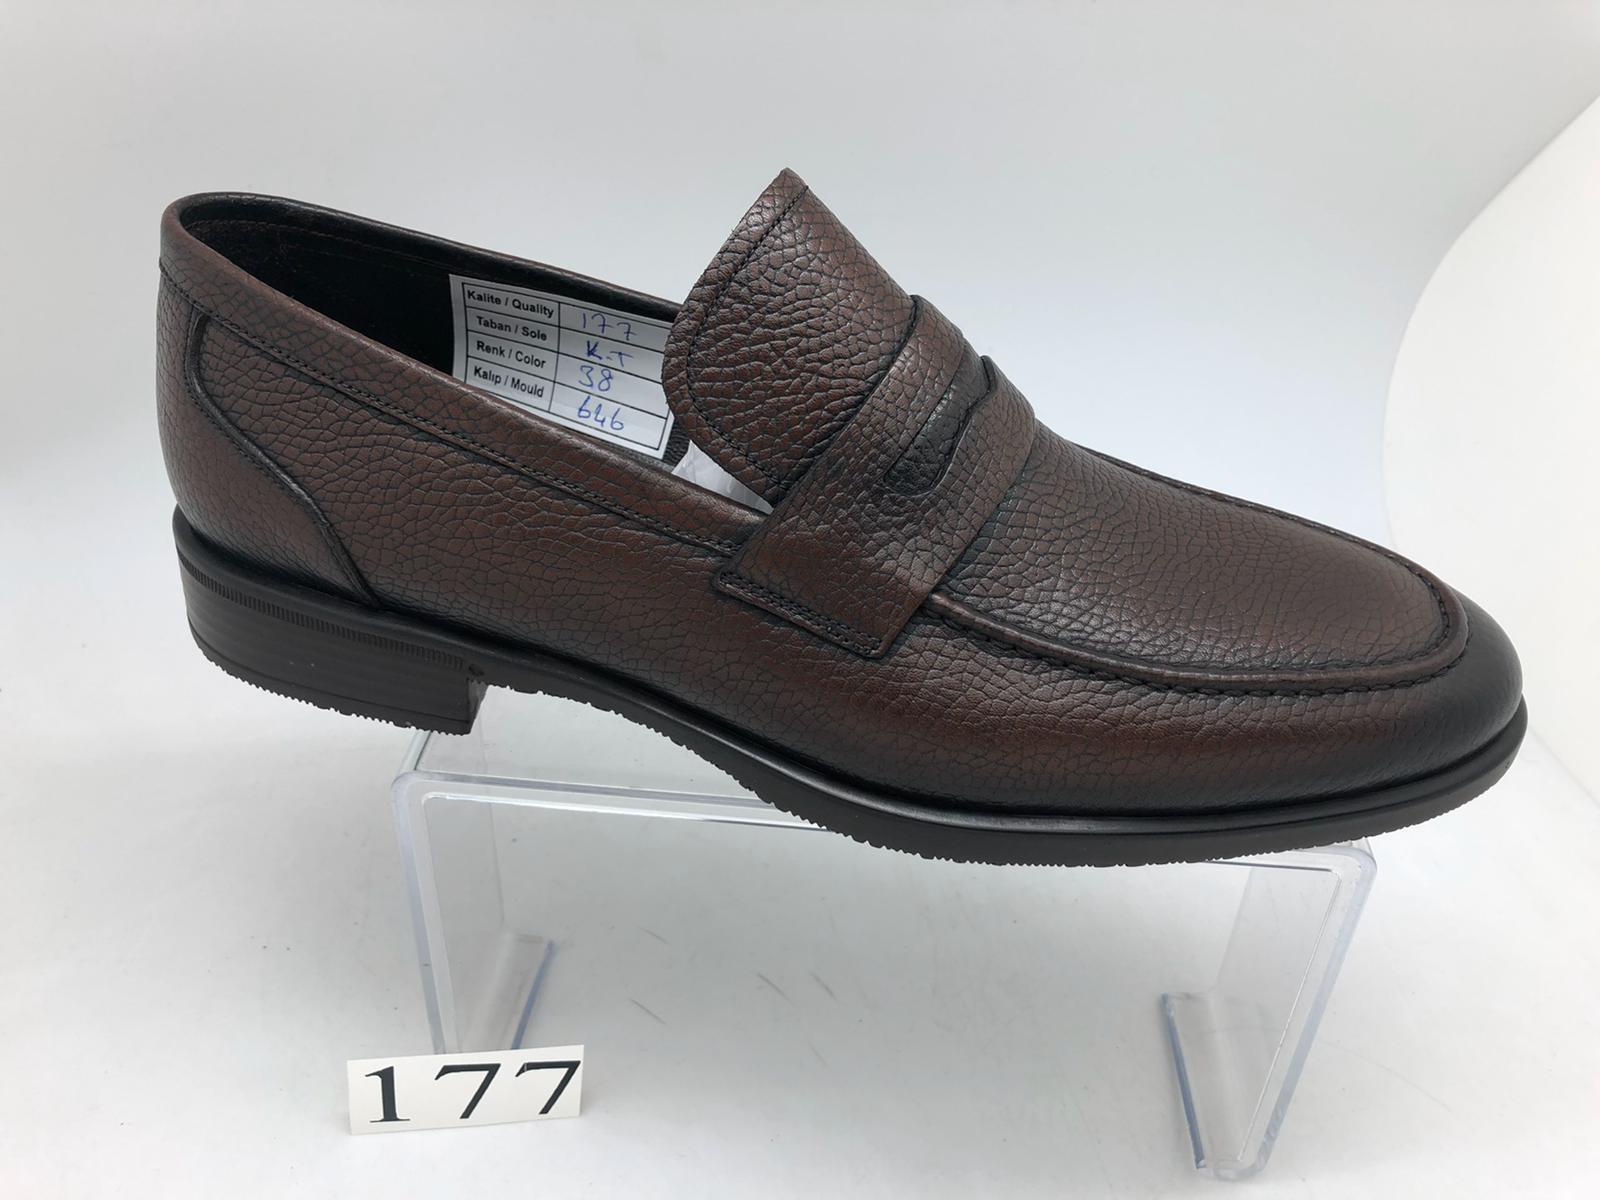 177 Kauçuk Taban Esnek ayakkabı